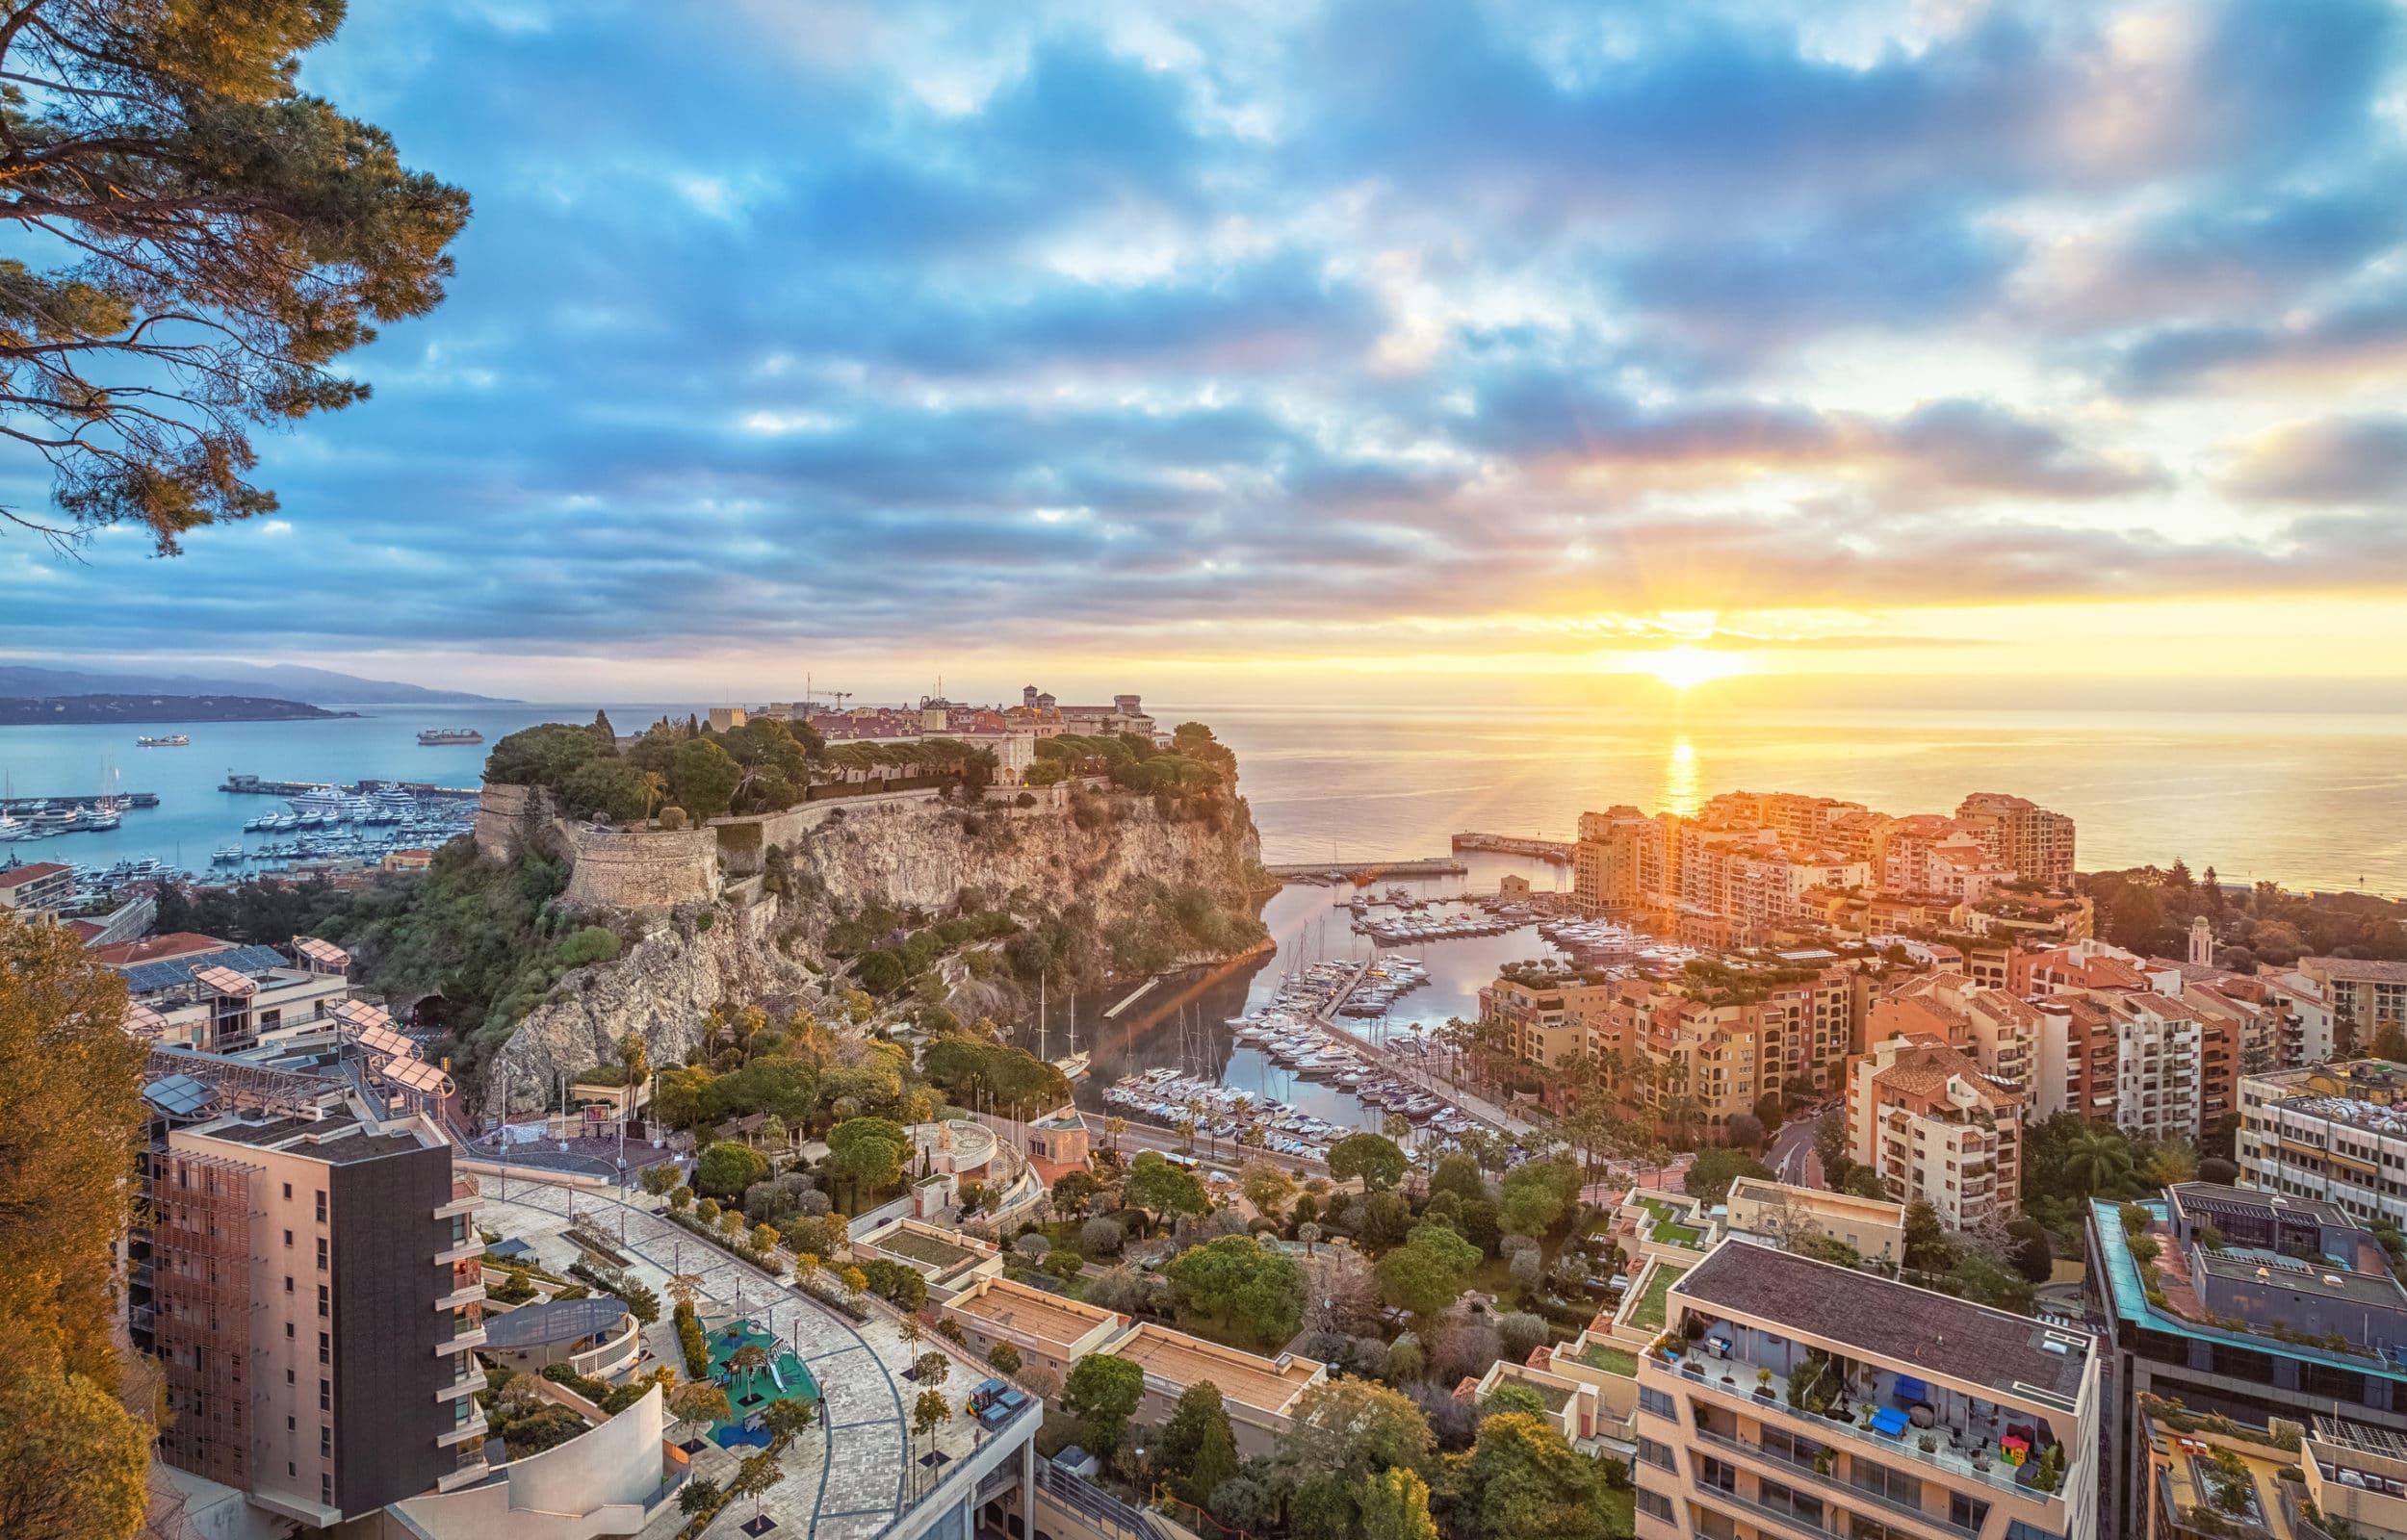 French Riviera: Monaco